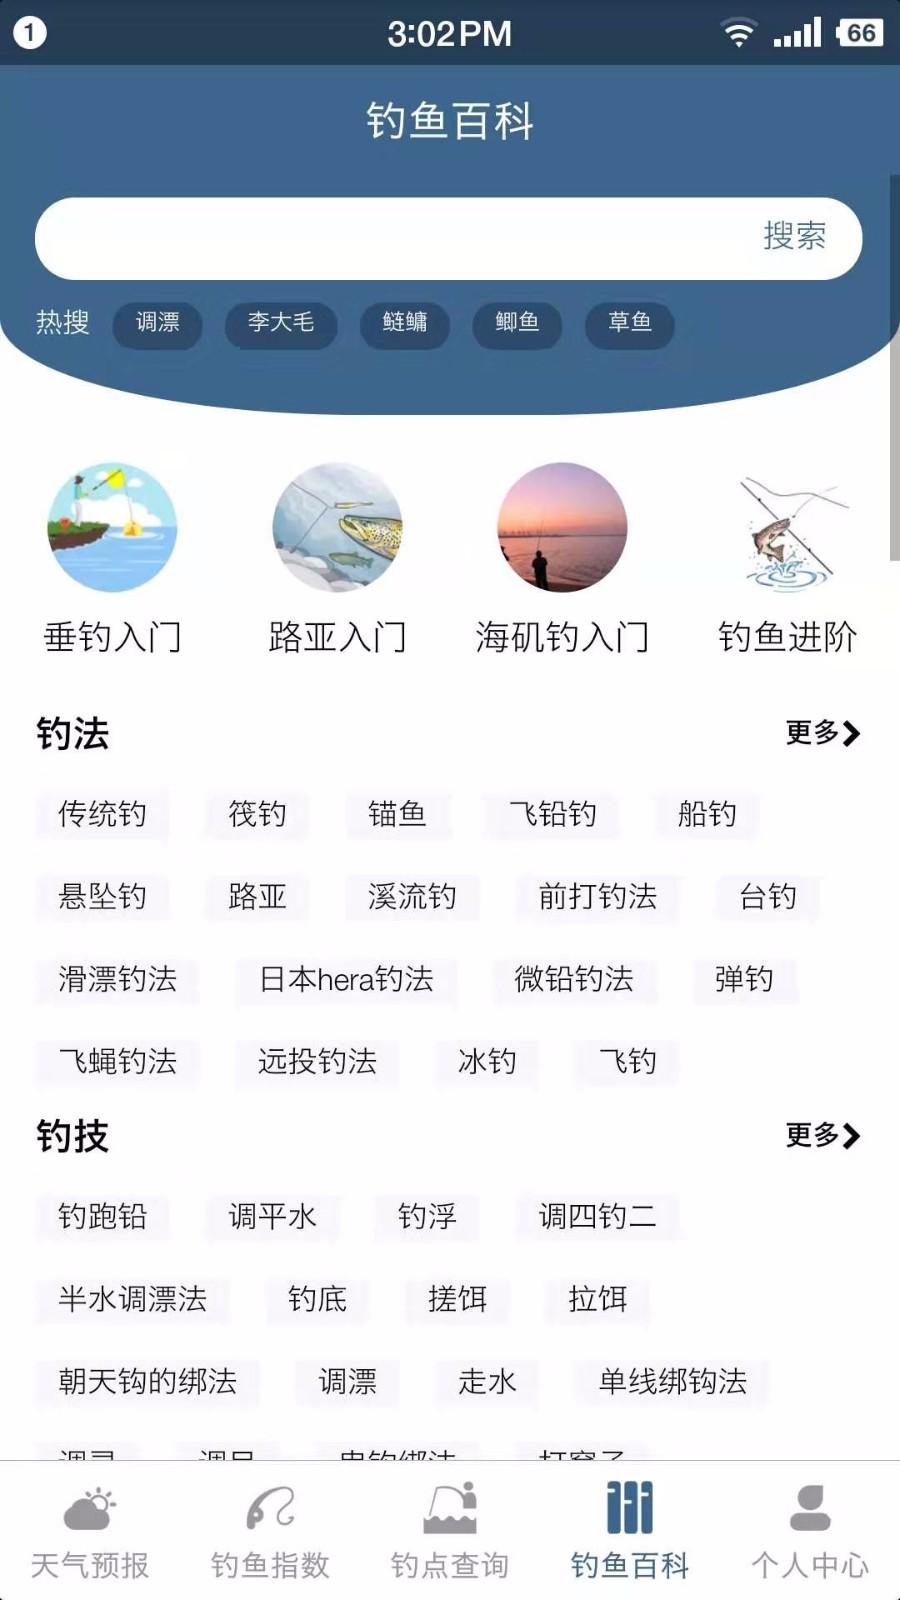 钓鱼天气预报(4)